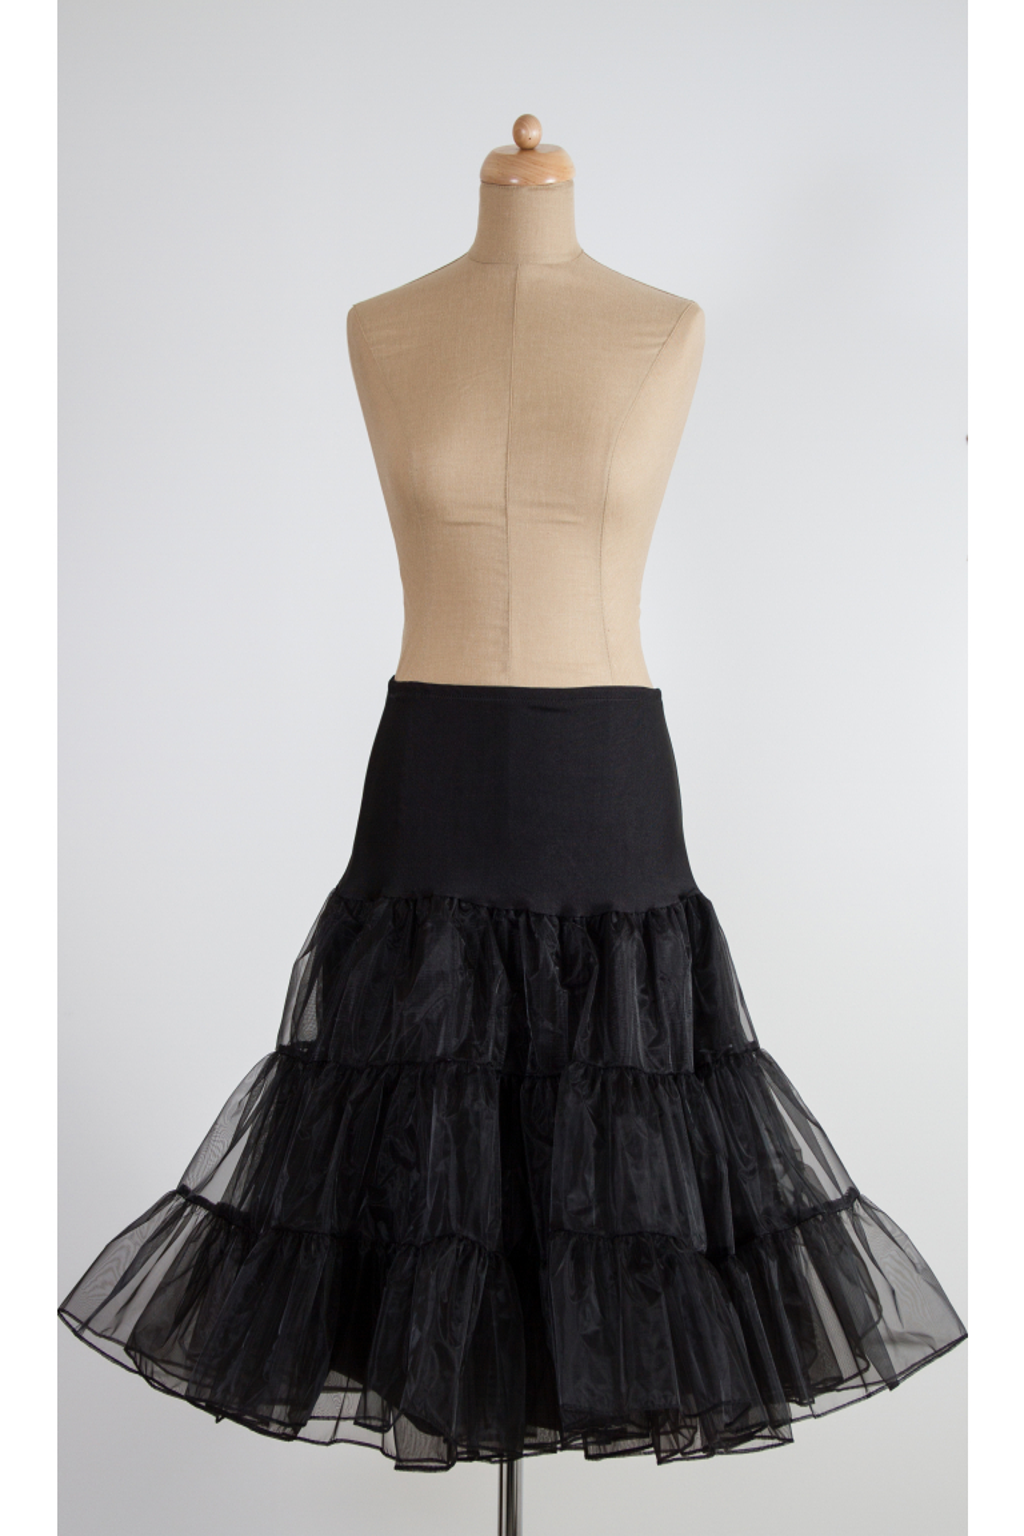 Spodnička ve stylu 50.let černá